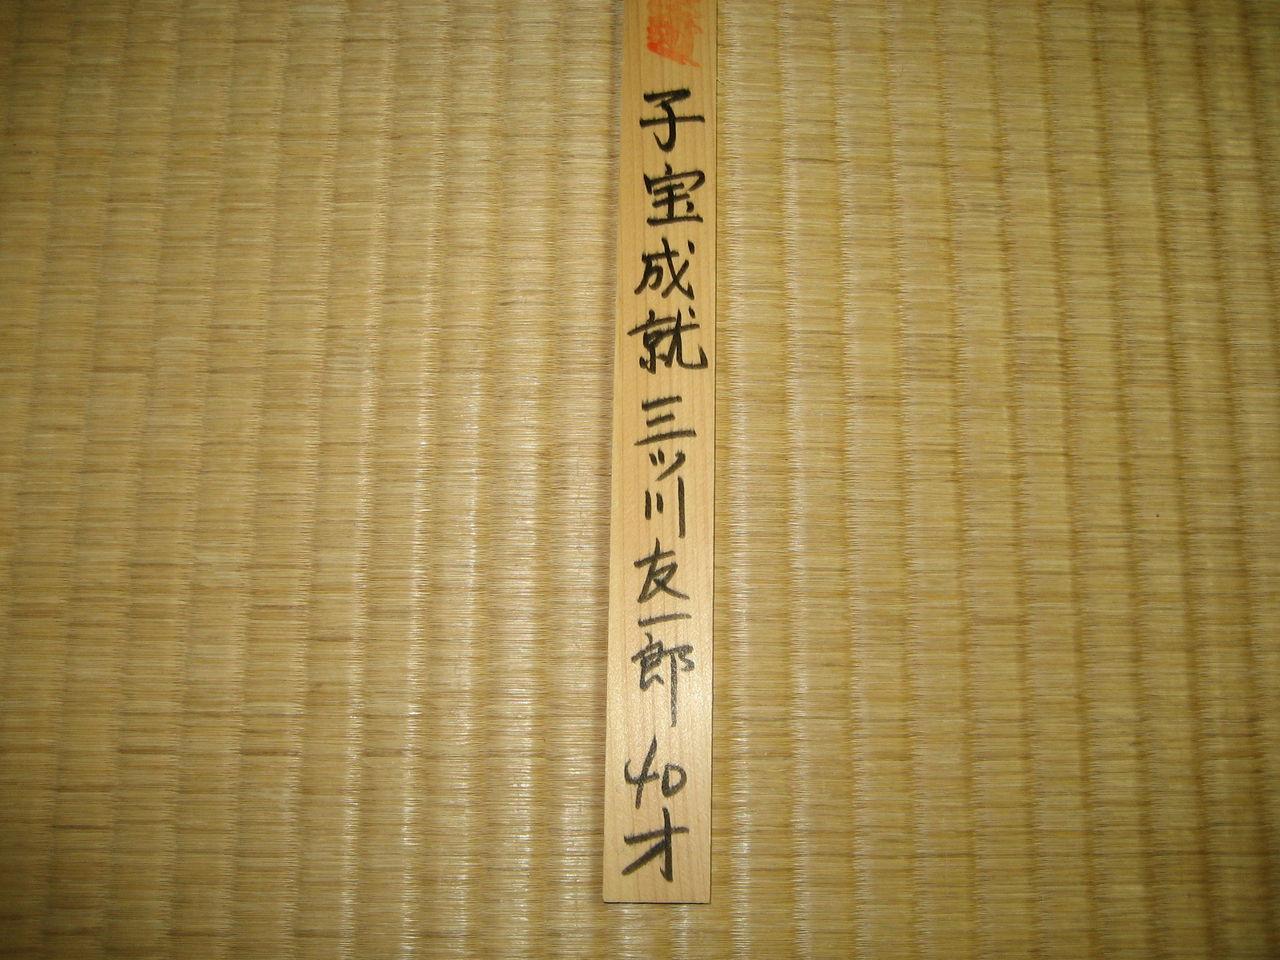 大峰登山 | 不妊|漢方|鍼灸|大阪|卵子の質改善|不妊専門の三ツ川レディース漢方鍼灸院